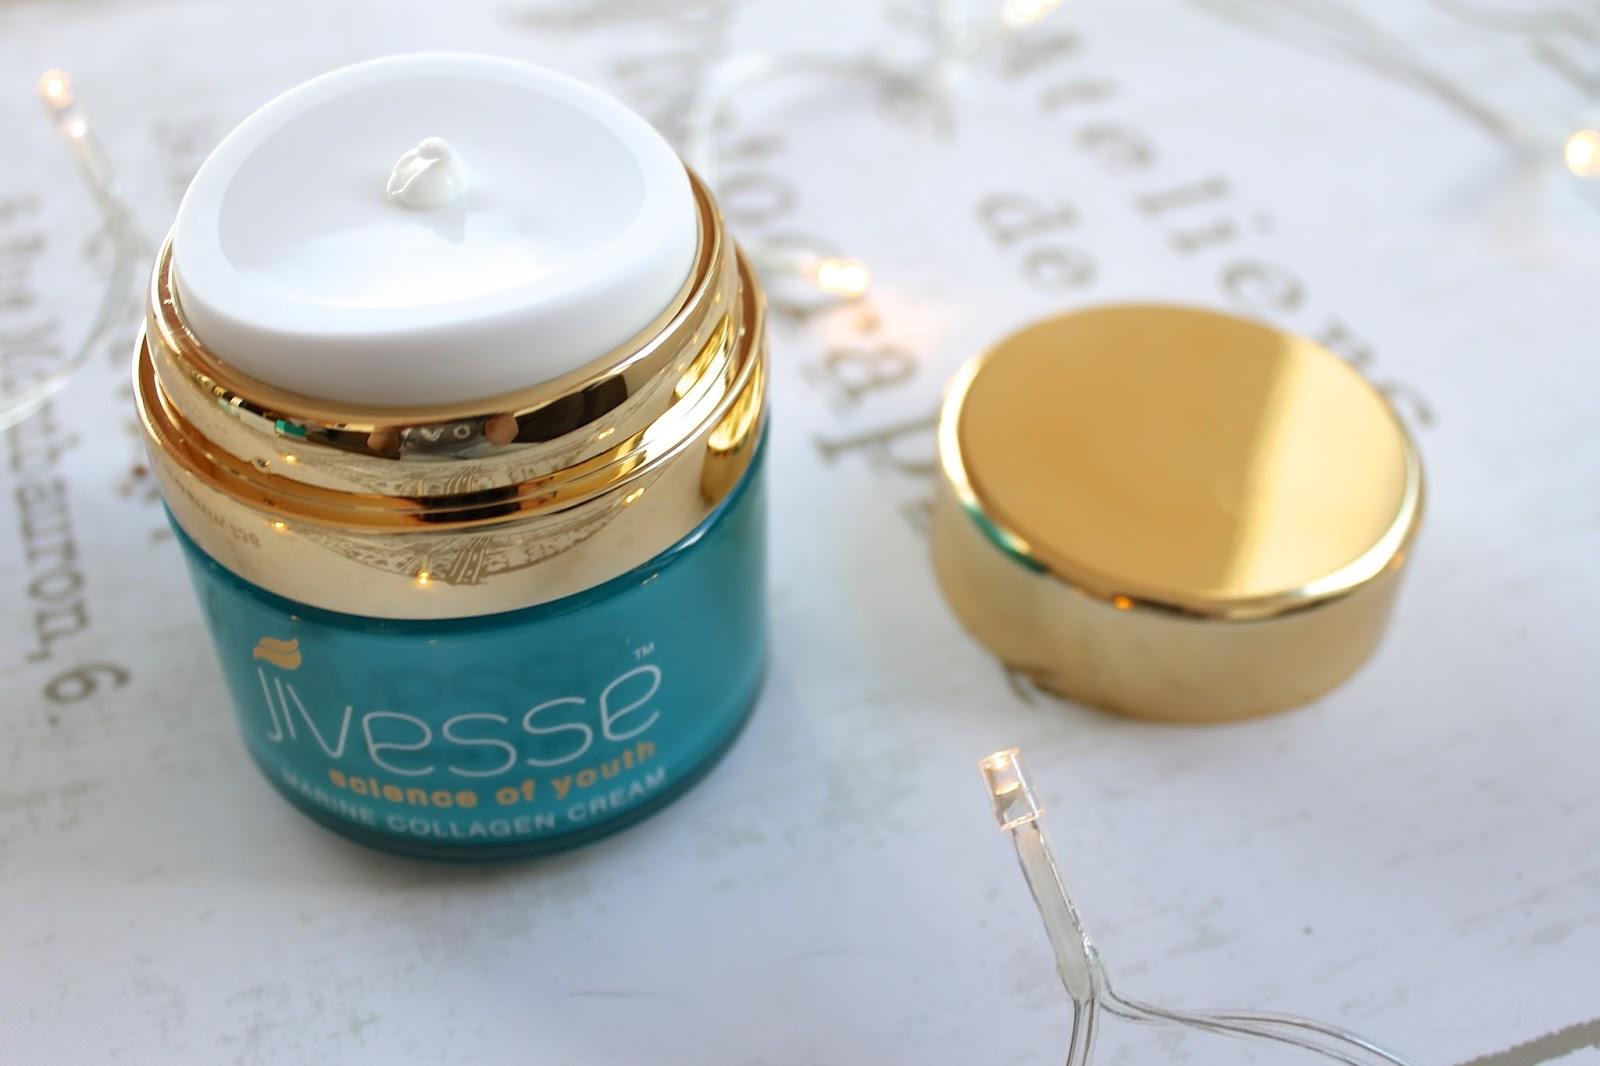 Jivesse marine collagen cream blog review